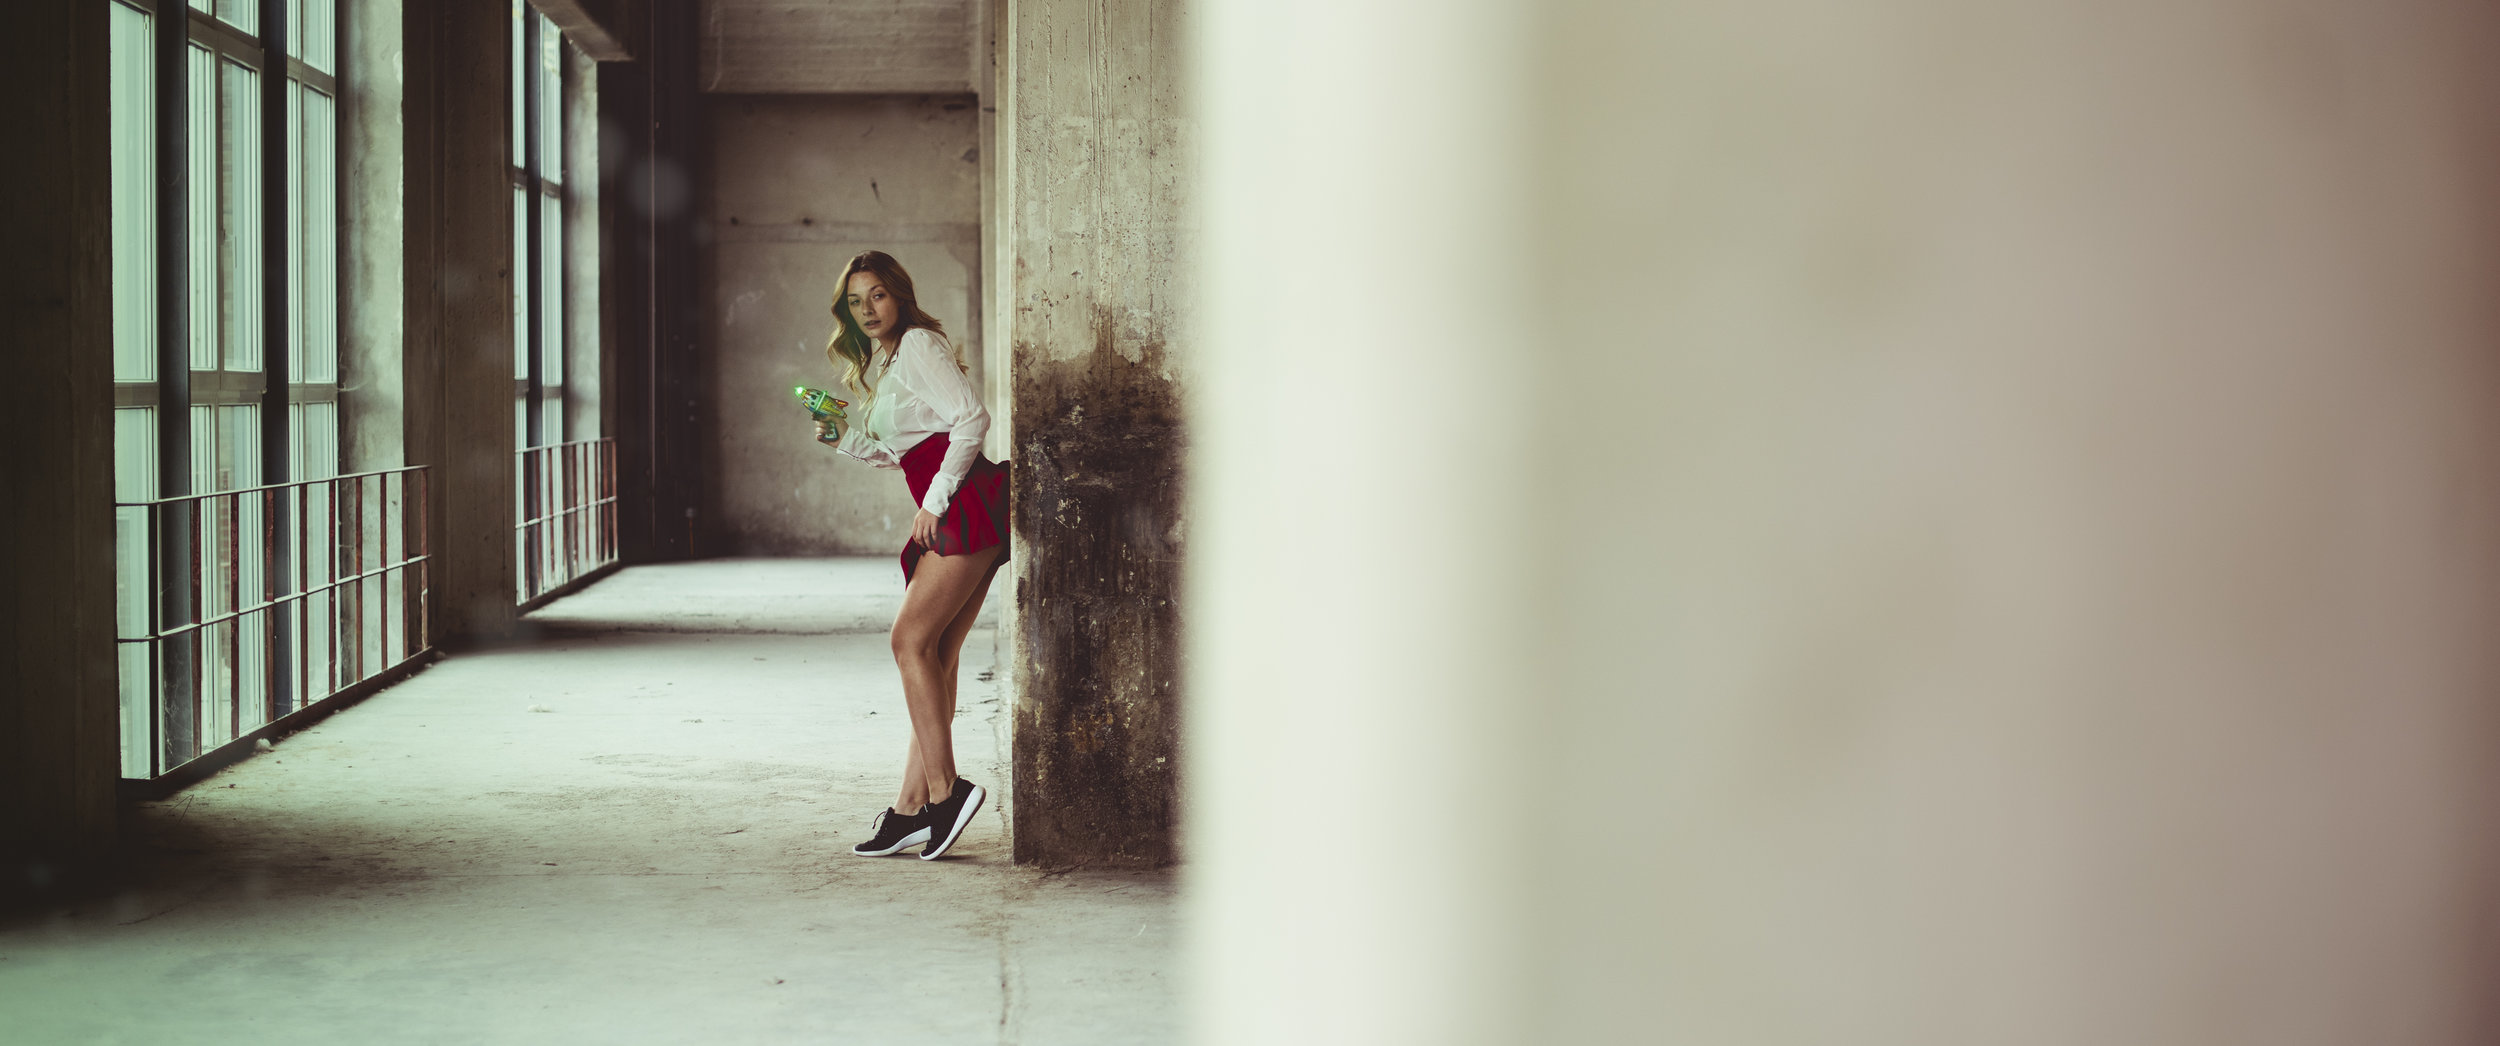 Olga_SciFi-6